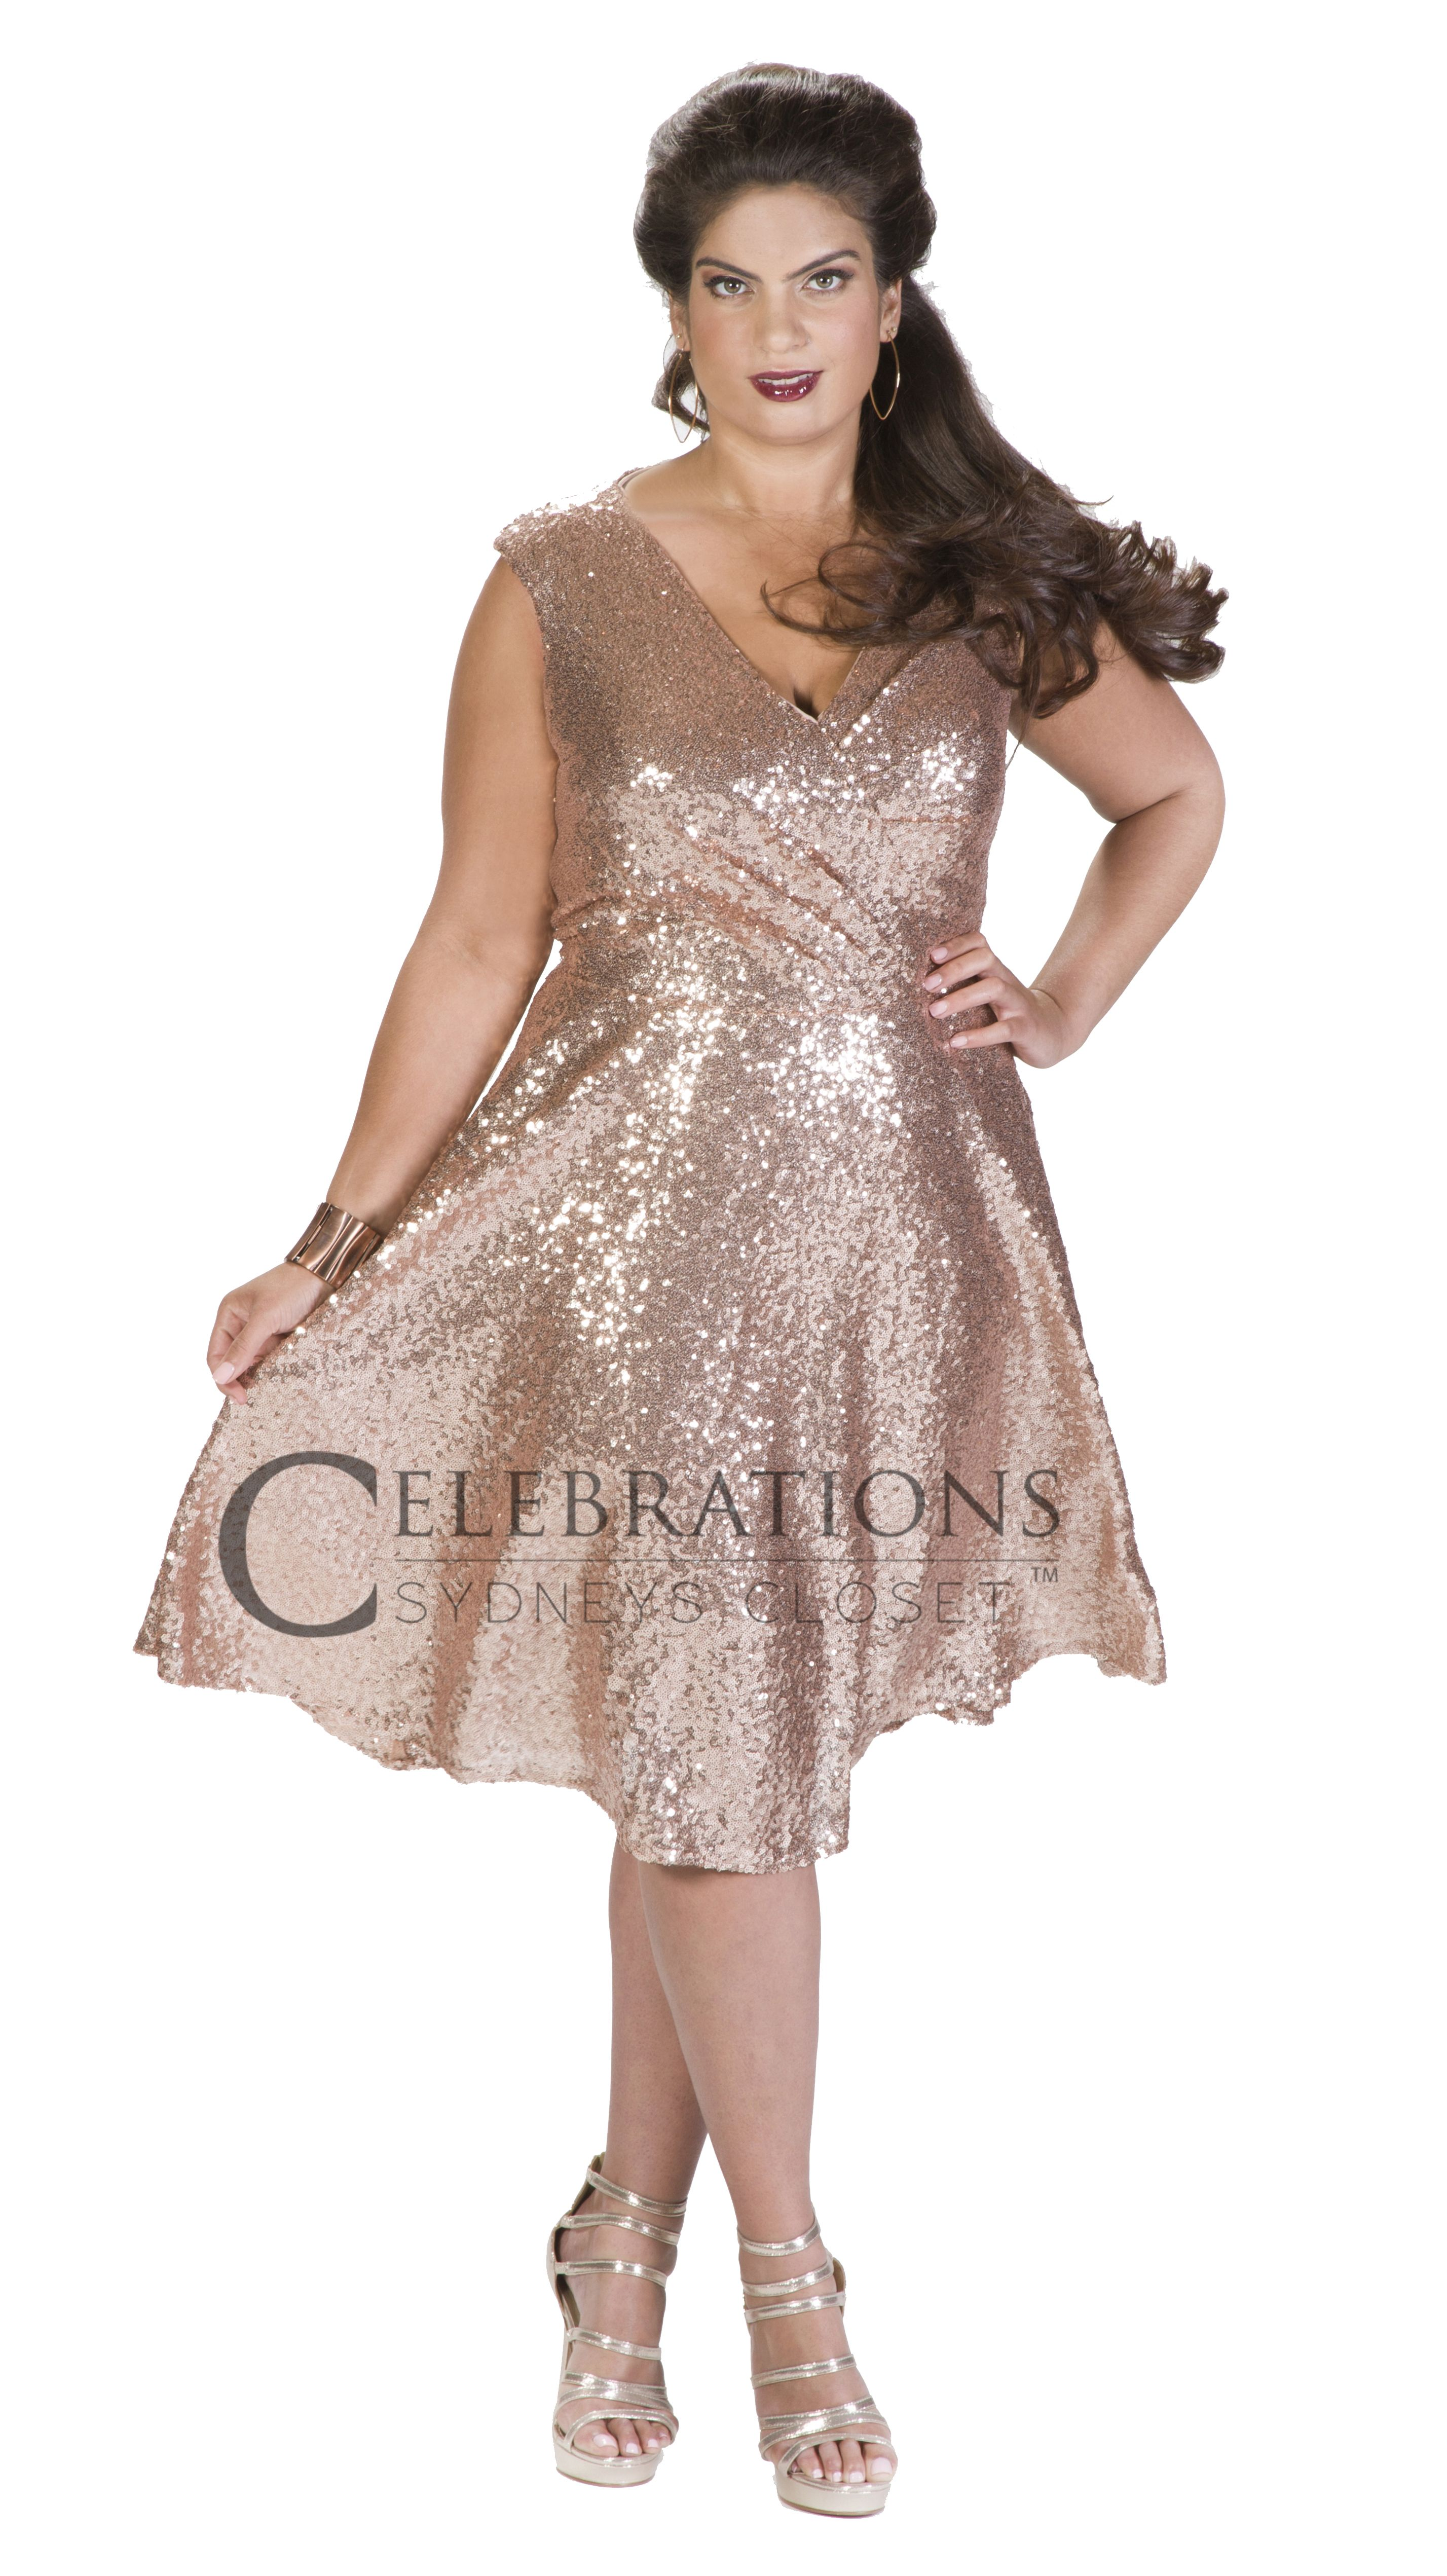 e6c02f9e253 Plus Size Day Dresses Australia - Gomes Weine AG